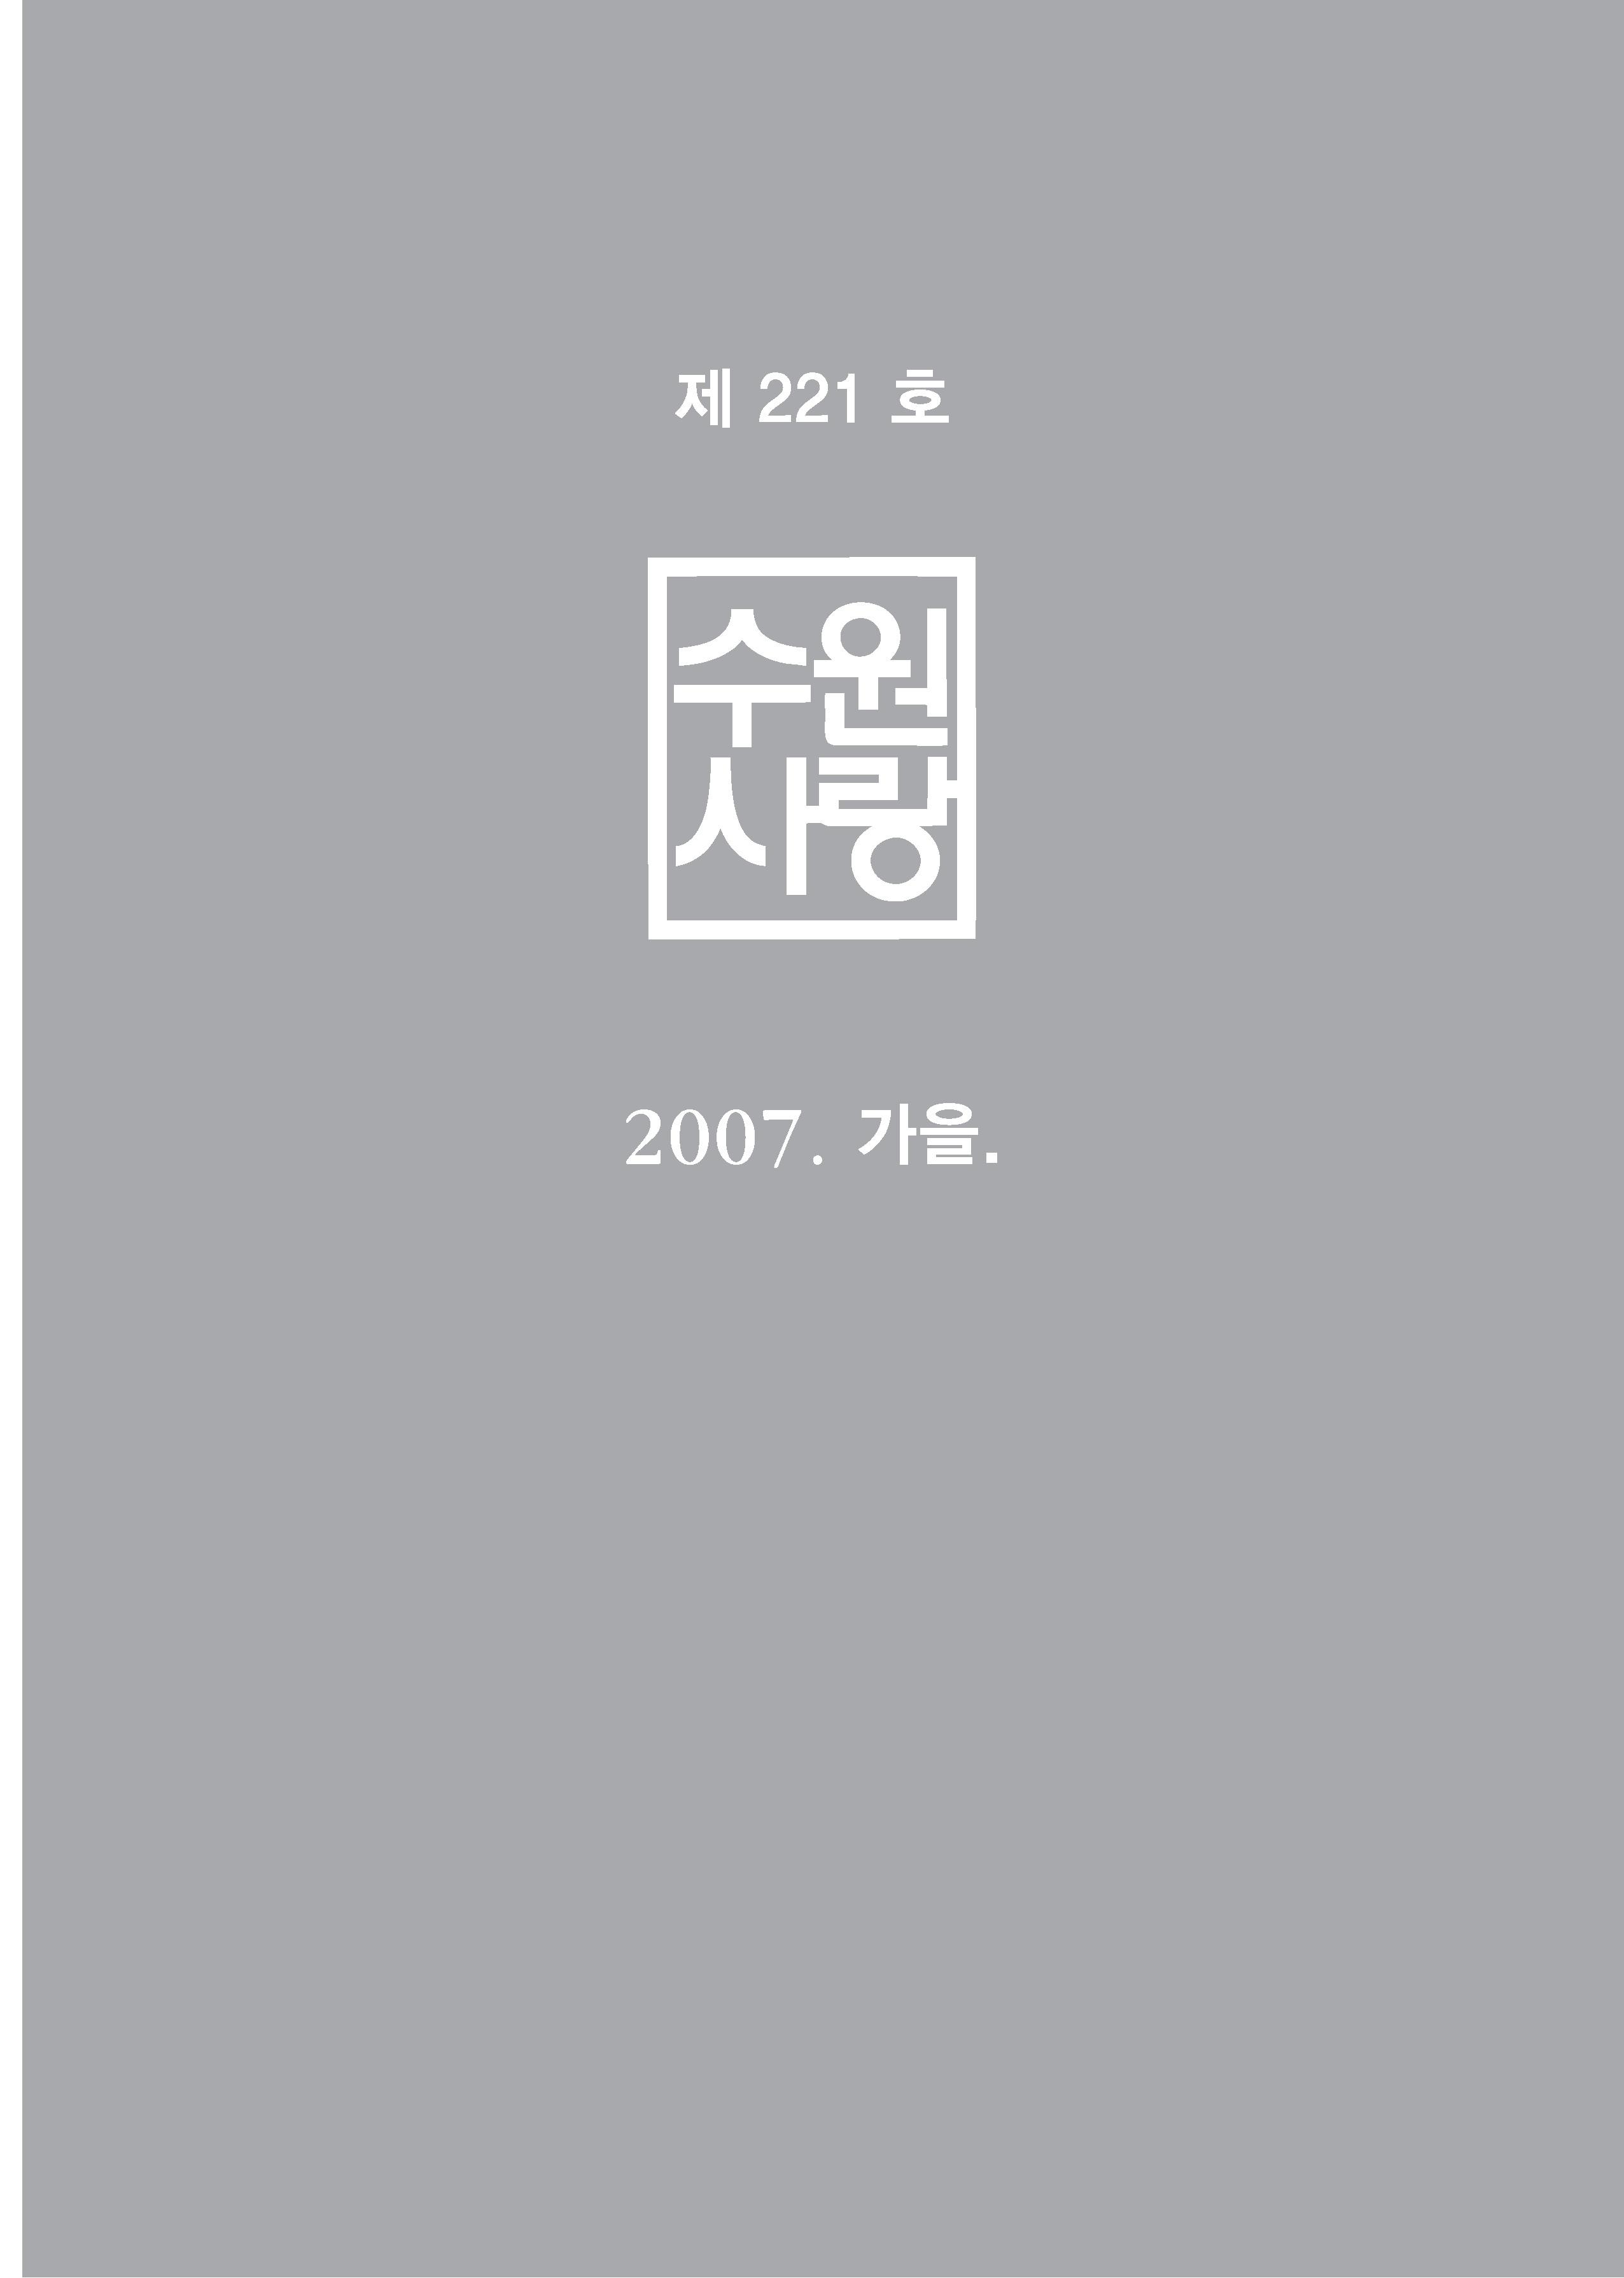 수원사랑 221호